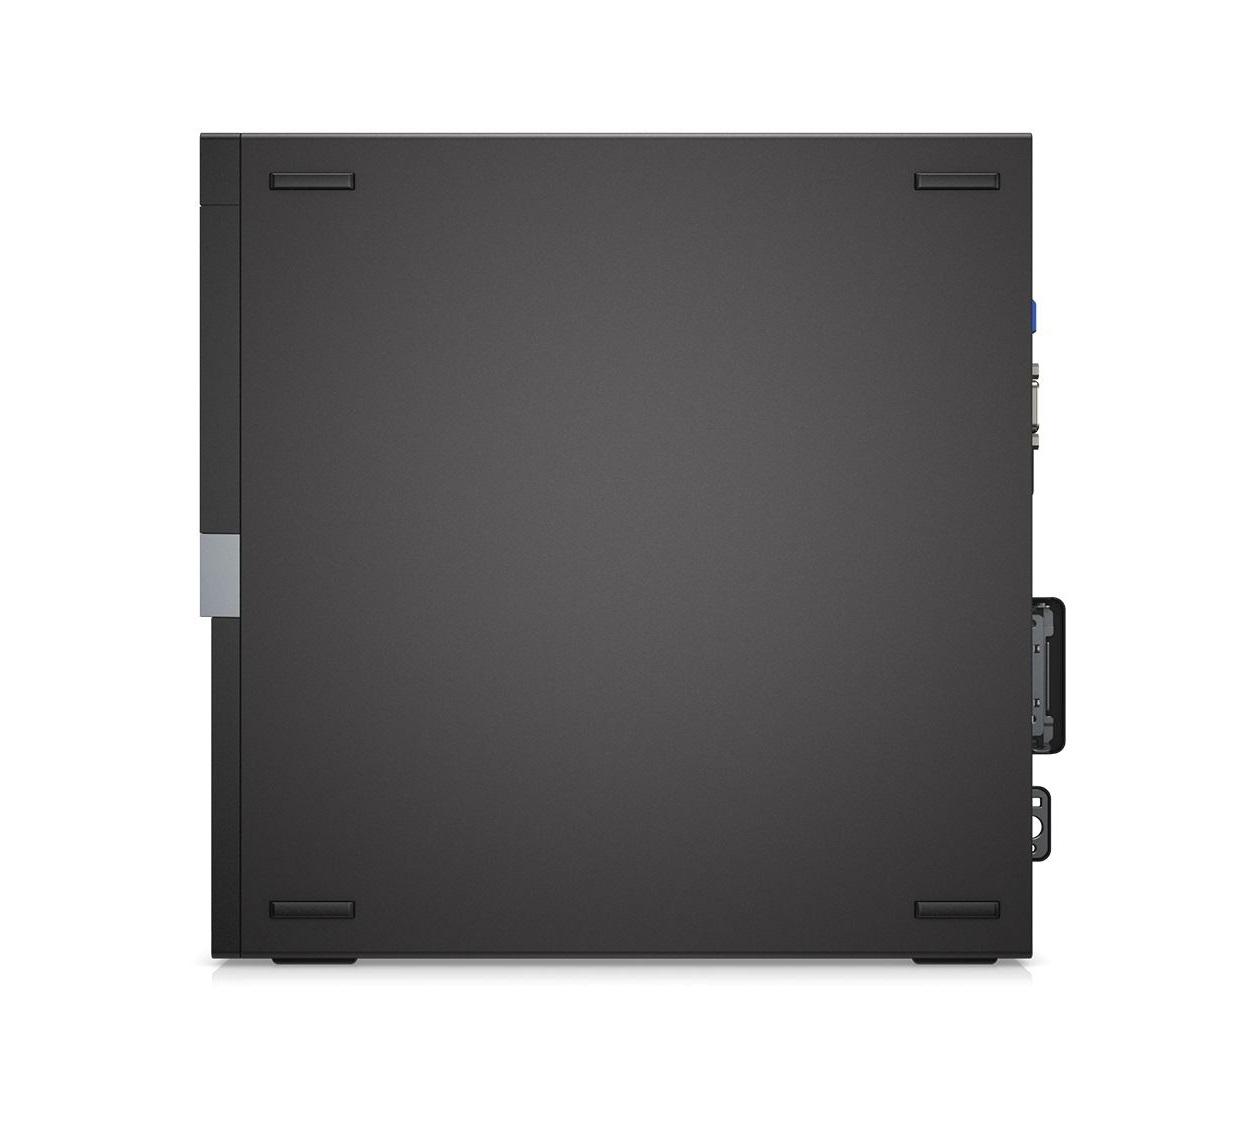 DELL OptiPlex SFF 5040 5040-3175 Core i5-6500 8GB 128GB SSD DVDROM Win 7/10 Pro Black